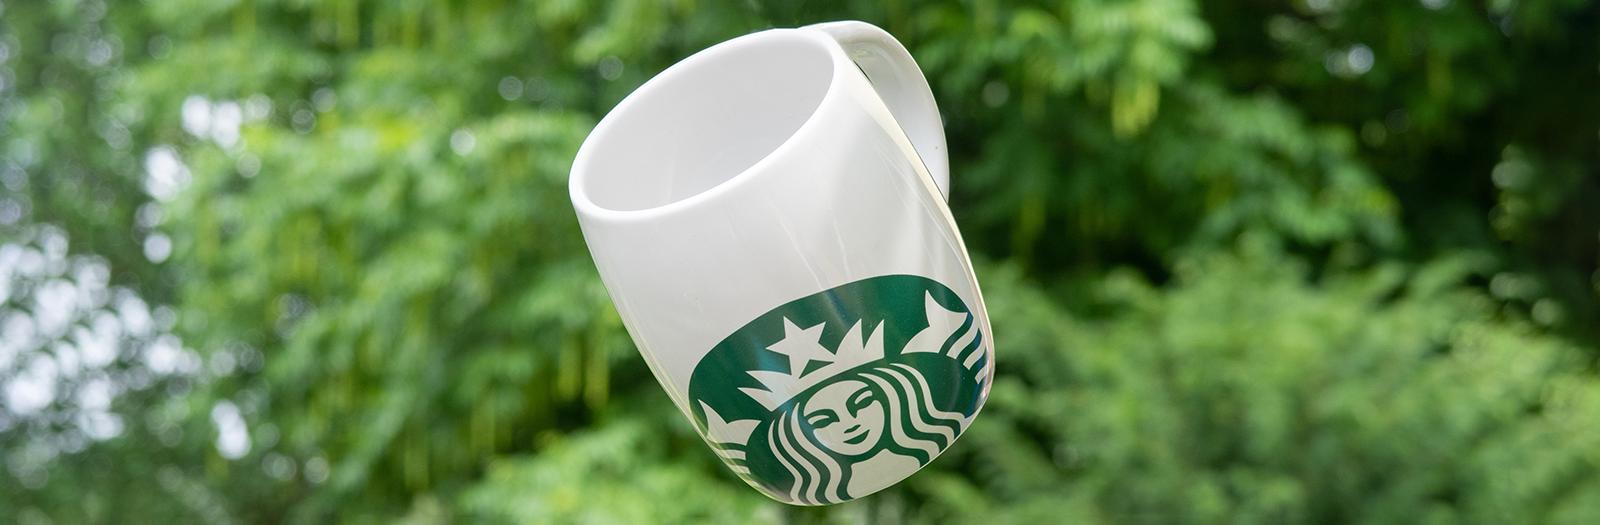 Starbucks reusable mug